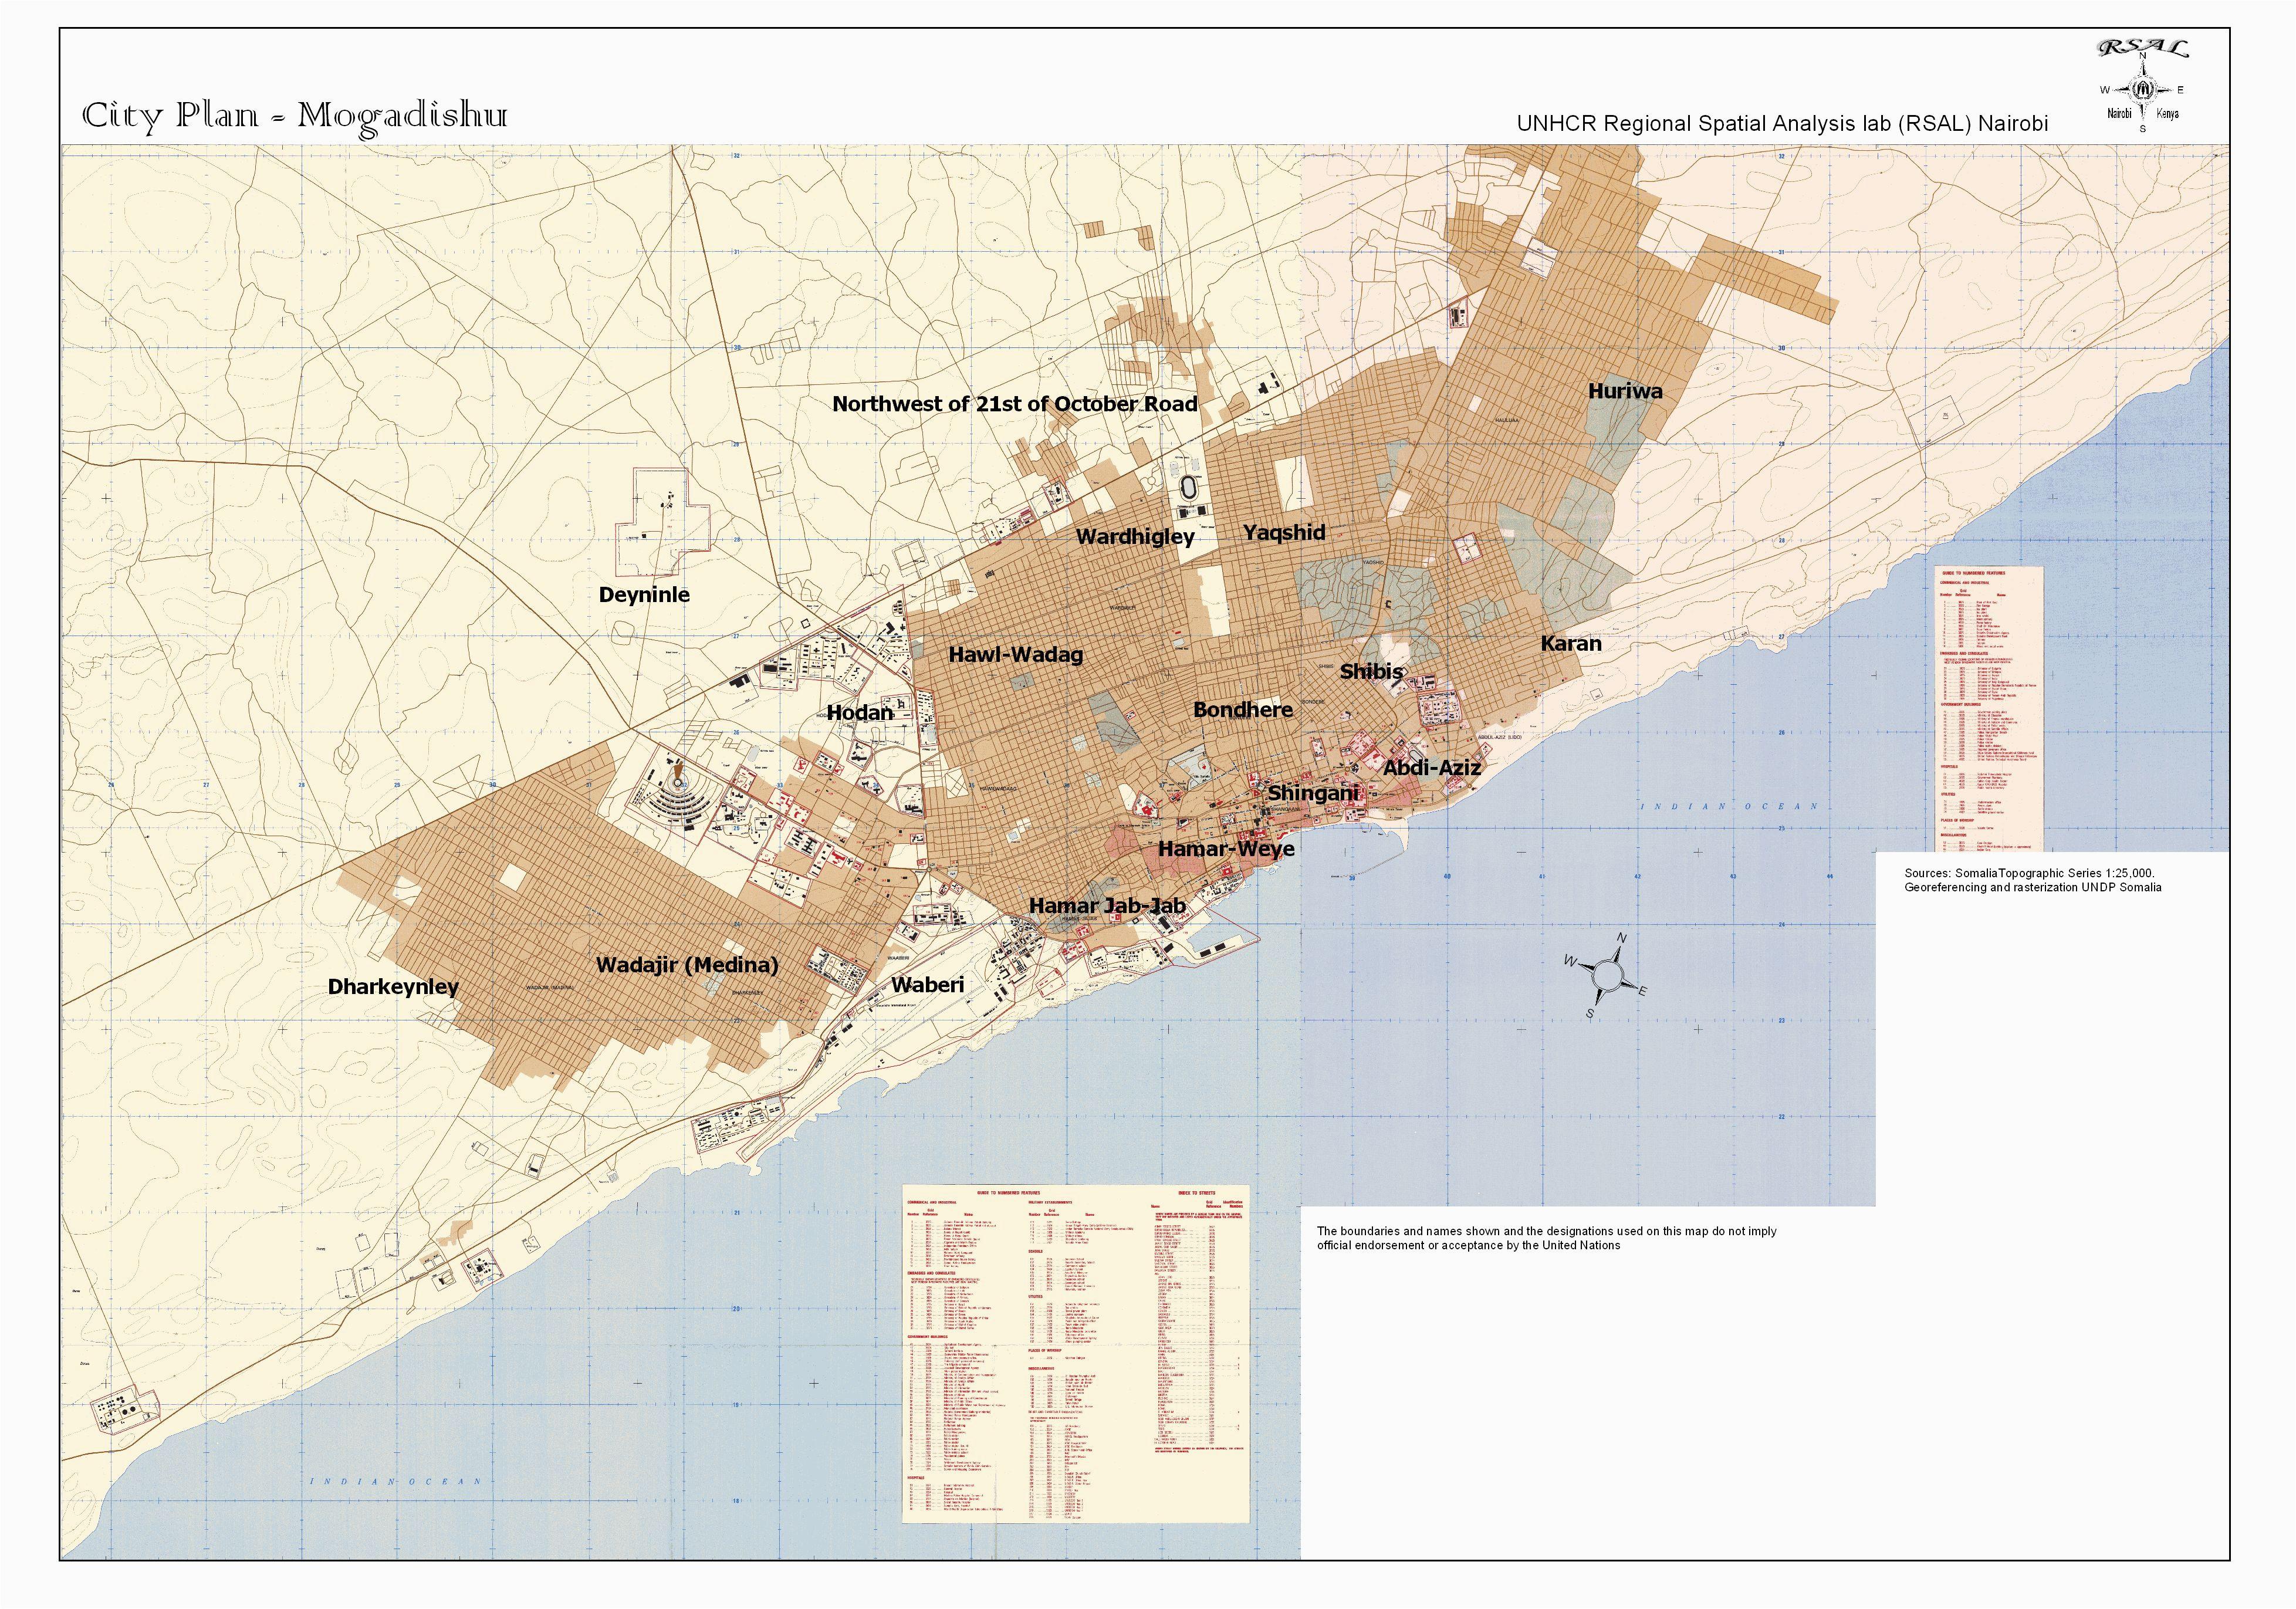 Texas Lata Map Gis Data Repositories